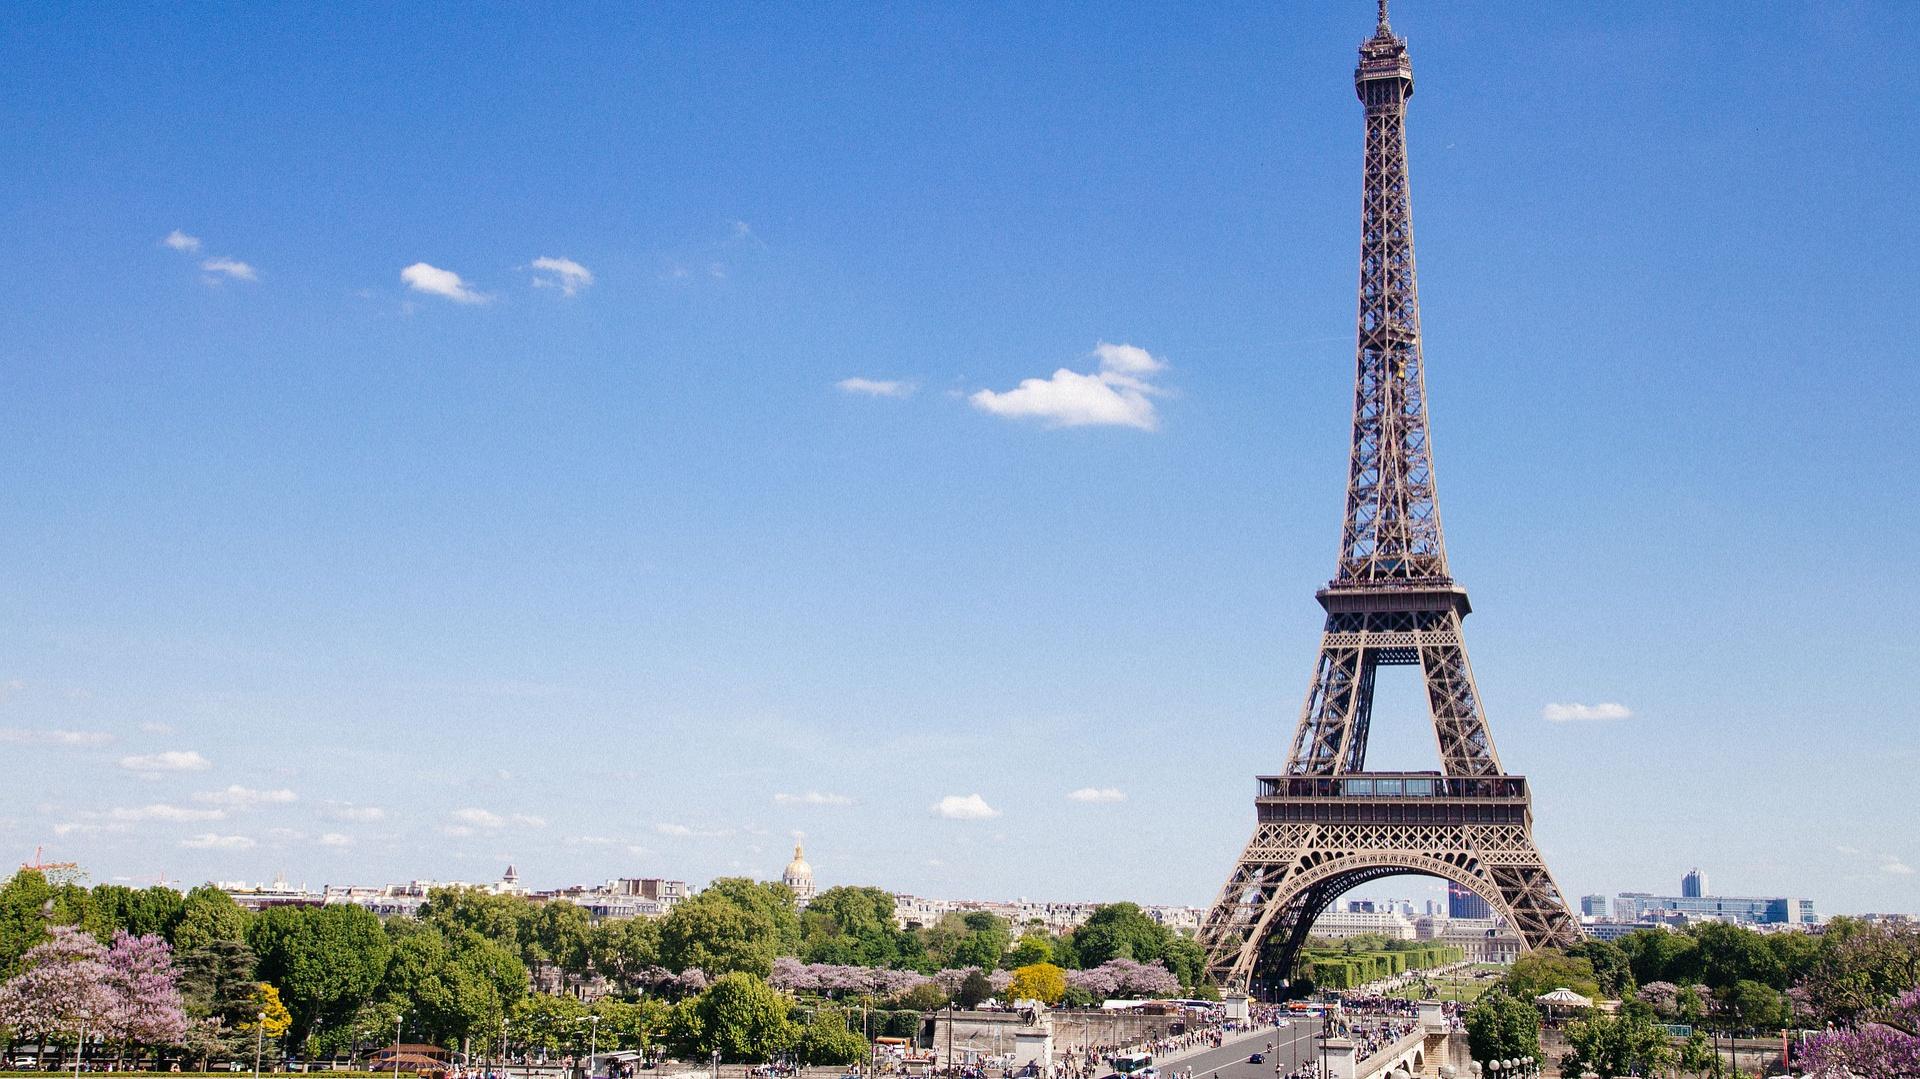 Ponad 300 metrów wysokości, 2 tysiące ton żelaza i 18 tysięcy metalowych części – tak można opisać jeden z najbardziej rozpoznawalnych obiektów świata, jakim jest Wieża Eiffla. Odwiedzana rocznie przez ponad 7 milionów turystów konstrukcja, przeszła w tym roku renowację pierwszego poziomu.  Fot. Shutterstock